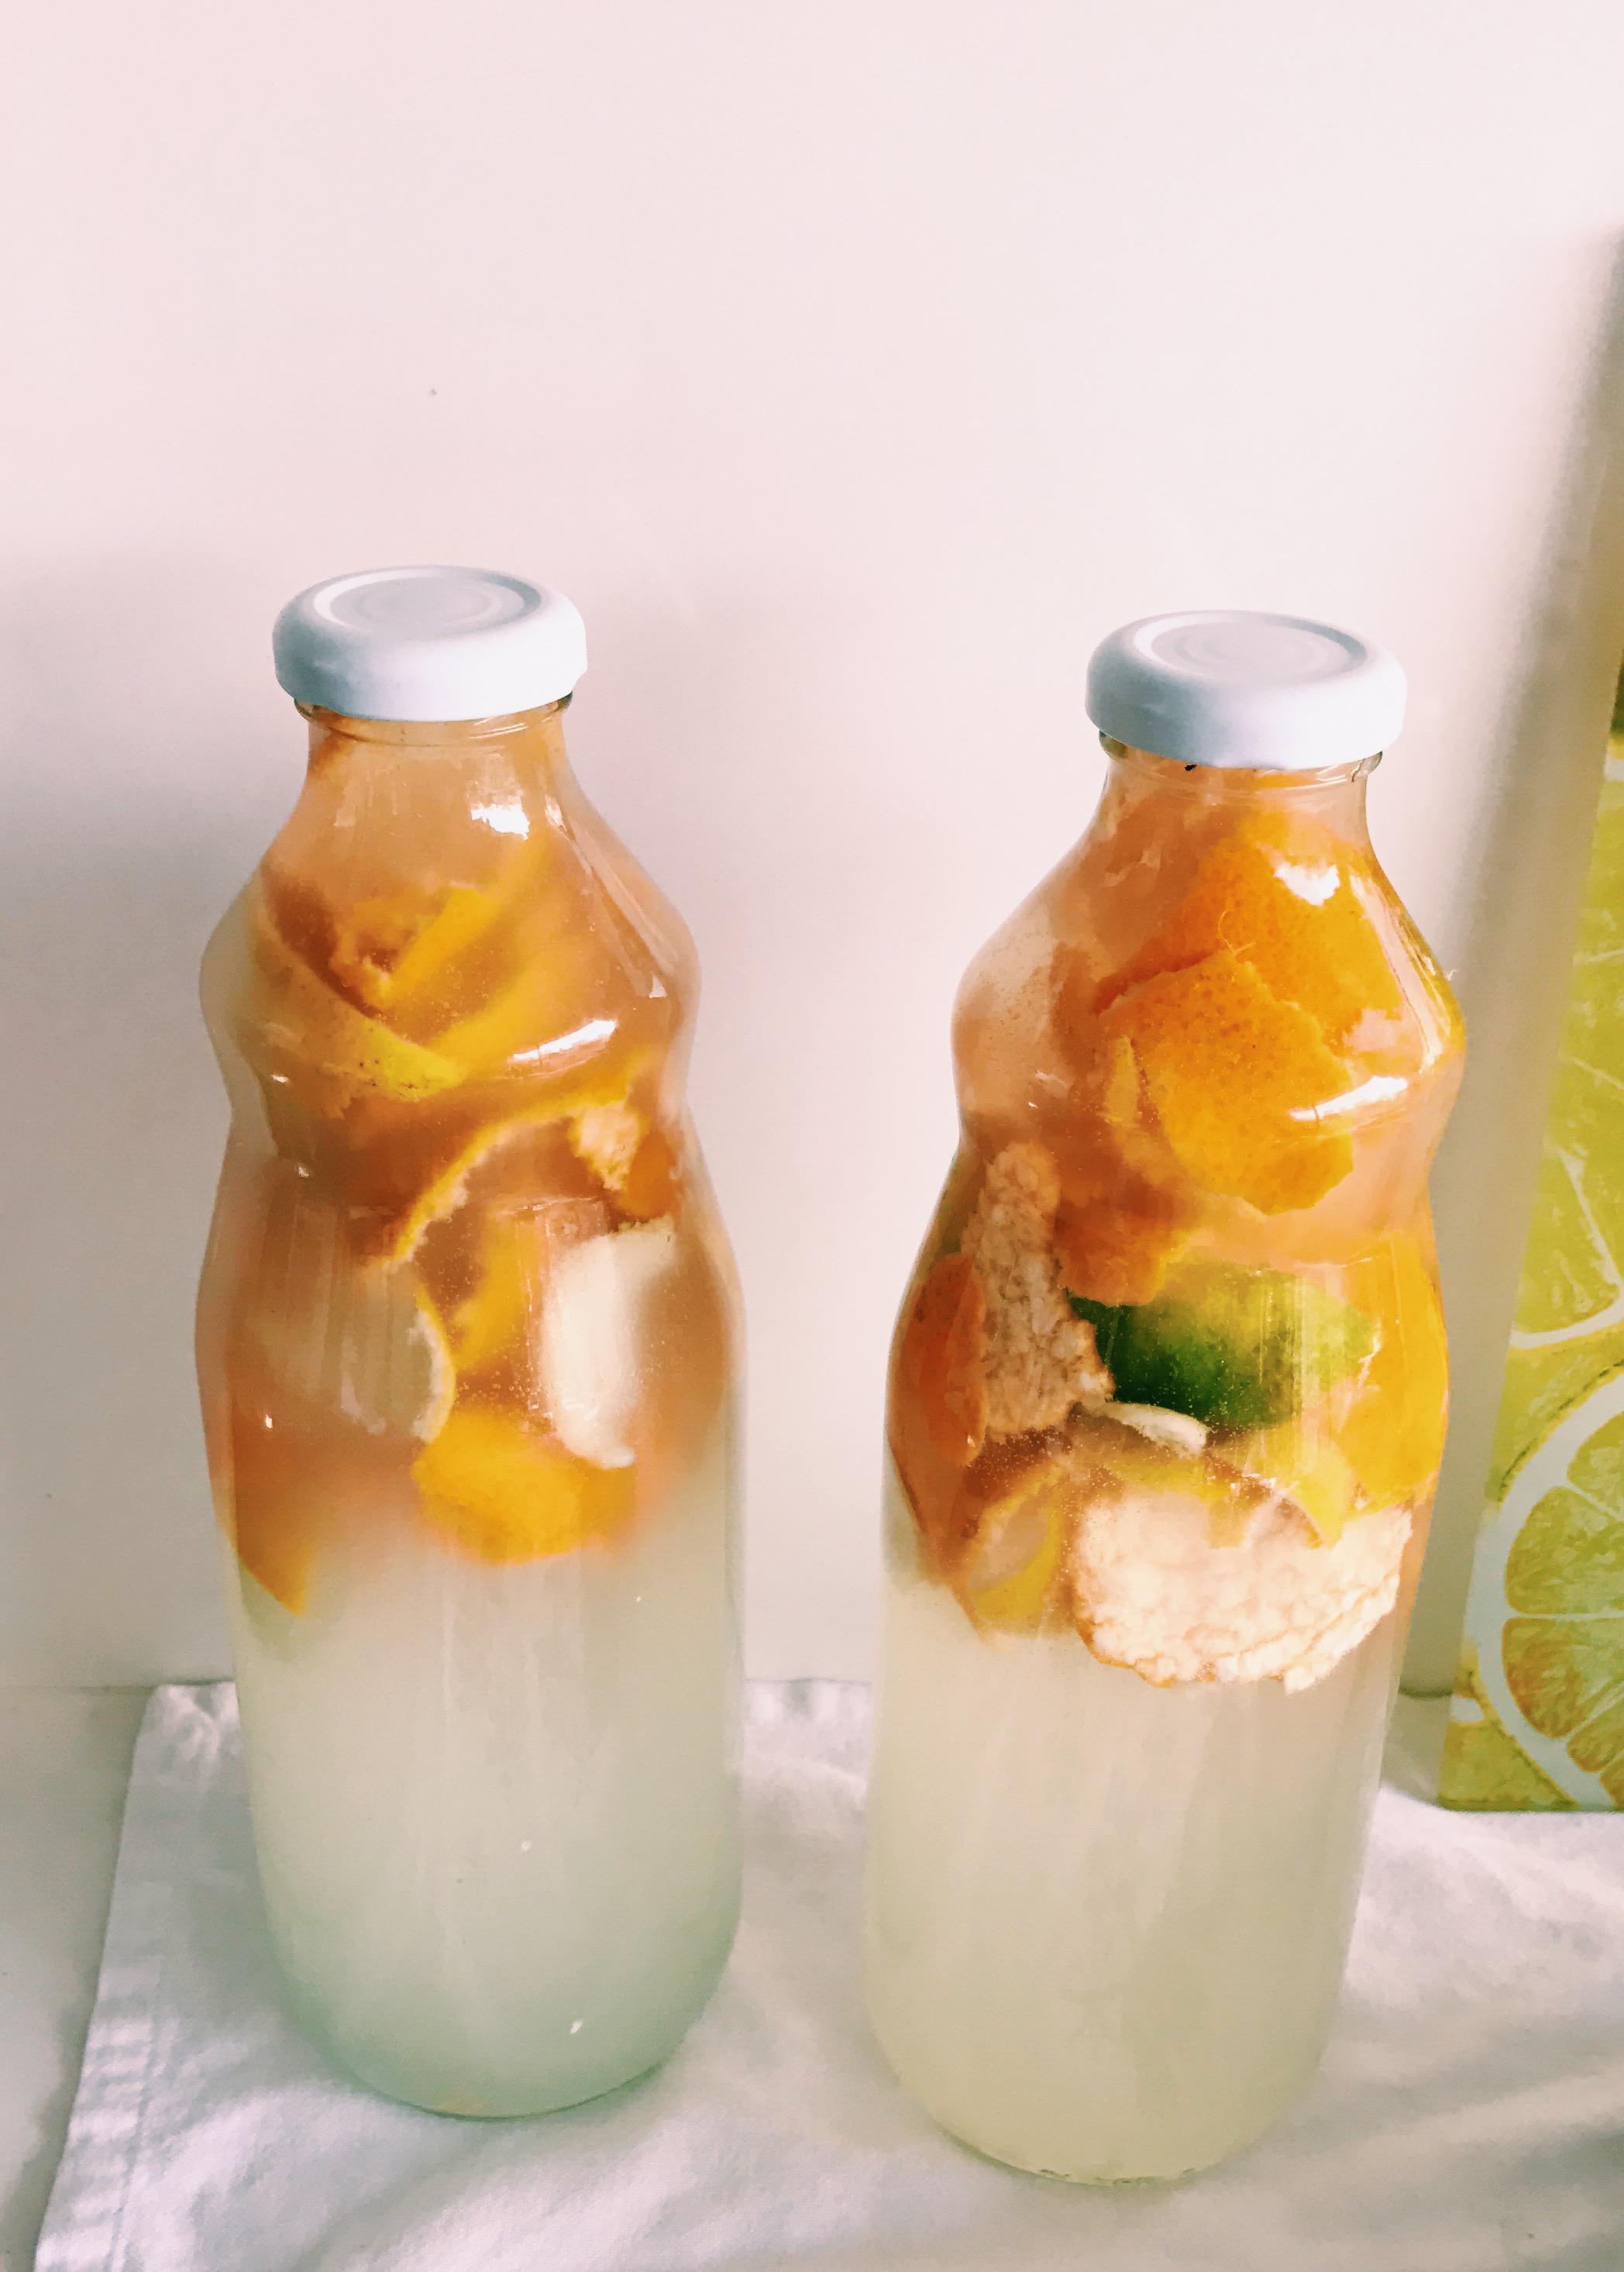 Desinfectante para pisos - Usa esta receta como la base de desinfectante natural para pisos, también funciona en la cocina o el baño.Ingredientes:-2 tazas de Vinagre blanco-1 taza de Alcohol-Cascaras de mandarina, naranja o toronja-1 taza Agua destiladaPreparación:Mantener cascaras de cítricos en el vinagre por mínimo una semana. Una vez listo, mezclar el resto de los ingredientes en un recipiente reusable para dosificar.